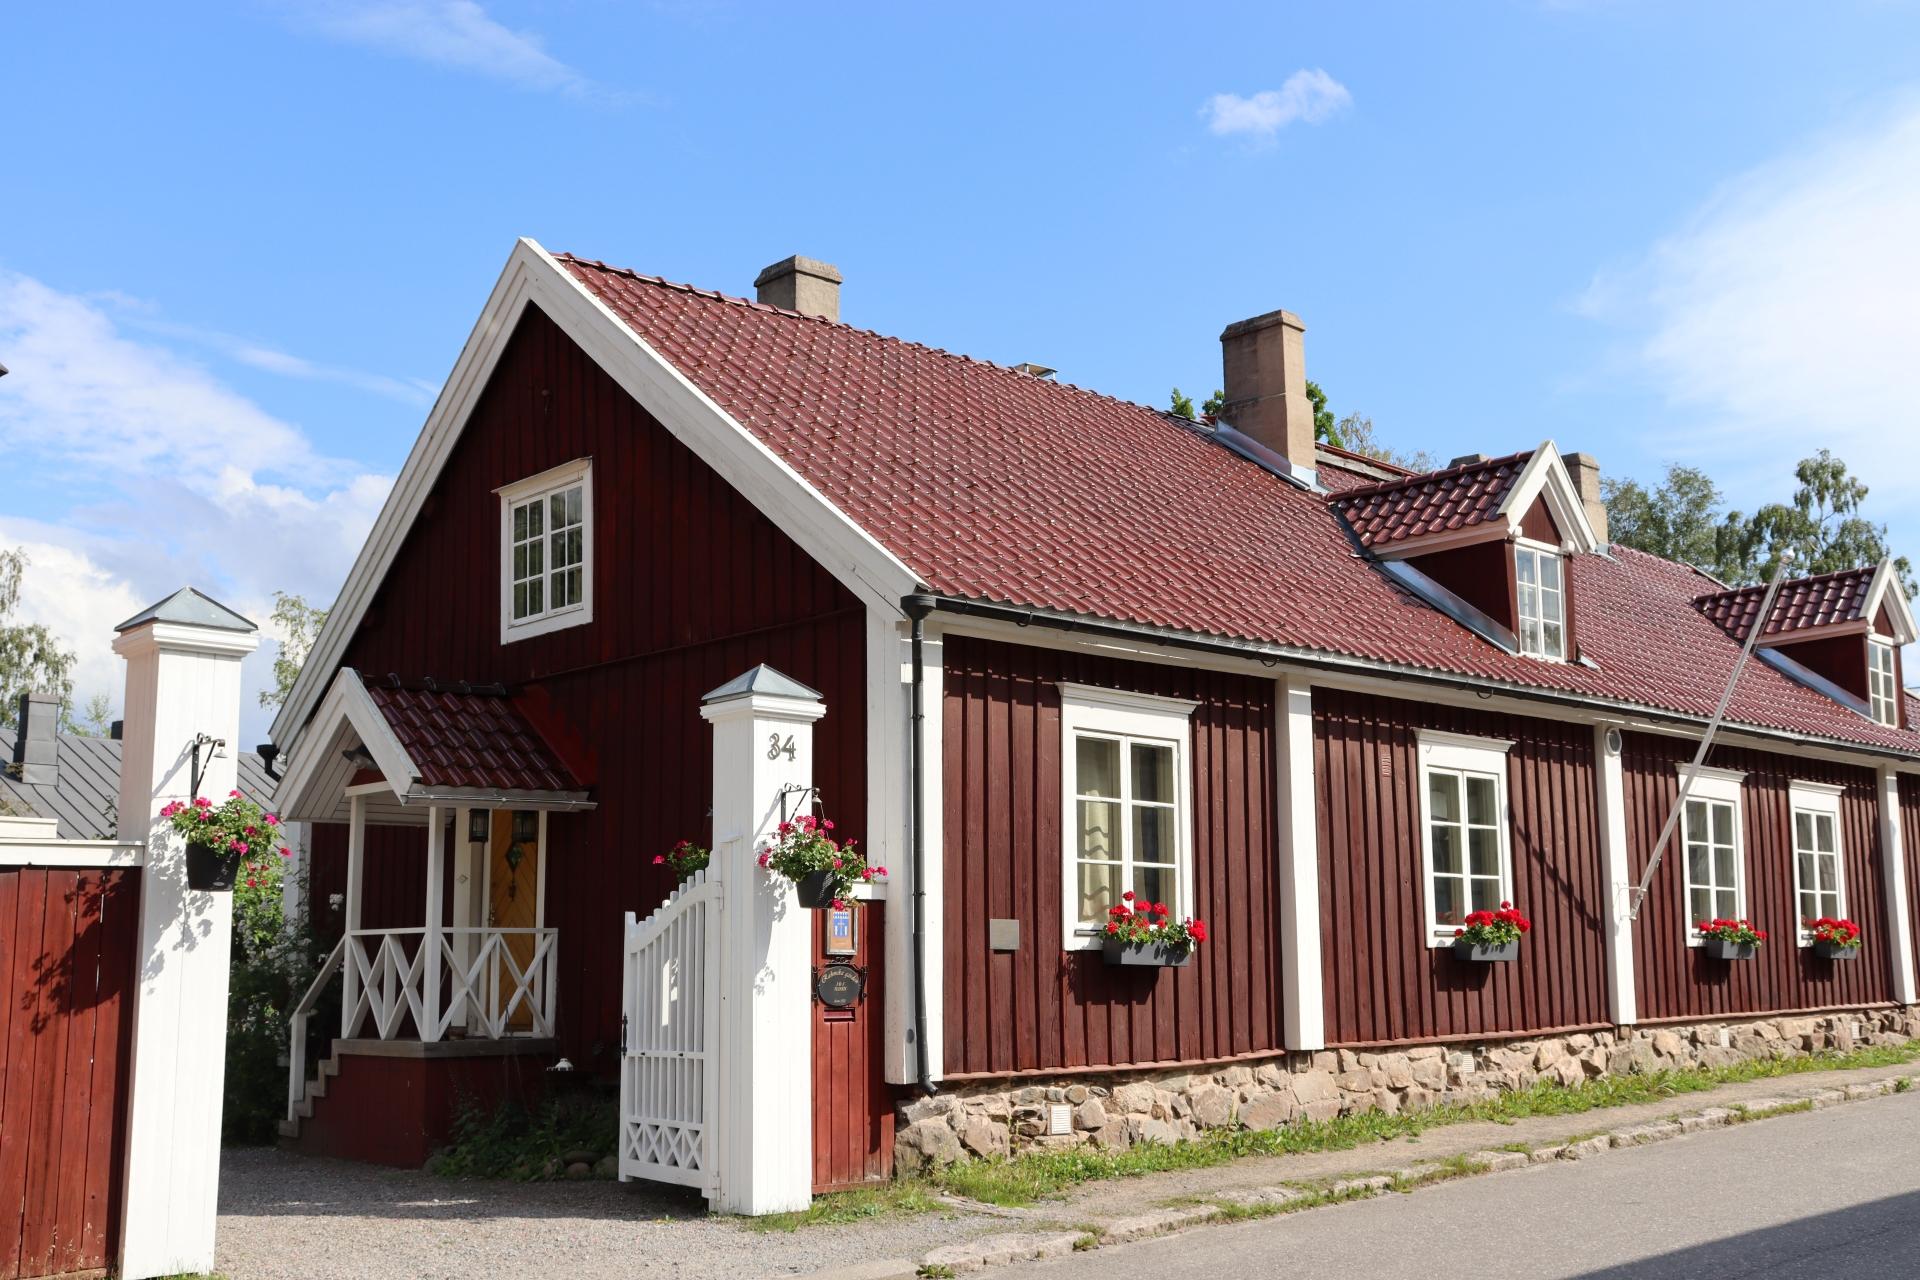 Isokadun ja Pakkahuoneenkadun kulmassa on punainen Rahmin talo, joka on yksi vanhimpia säilyneitä porvaristaloja Kokkolassa.